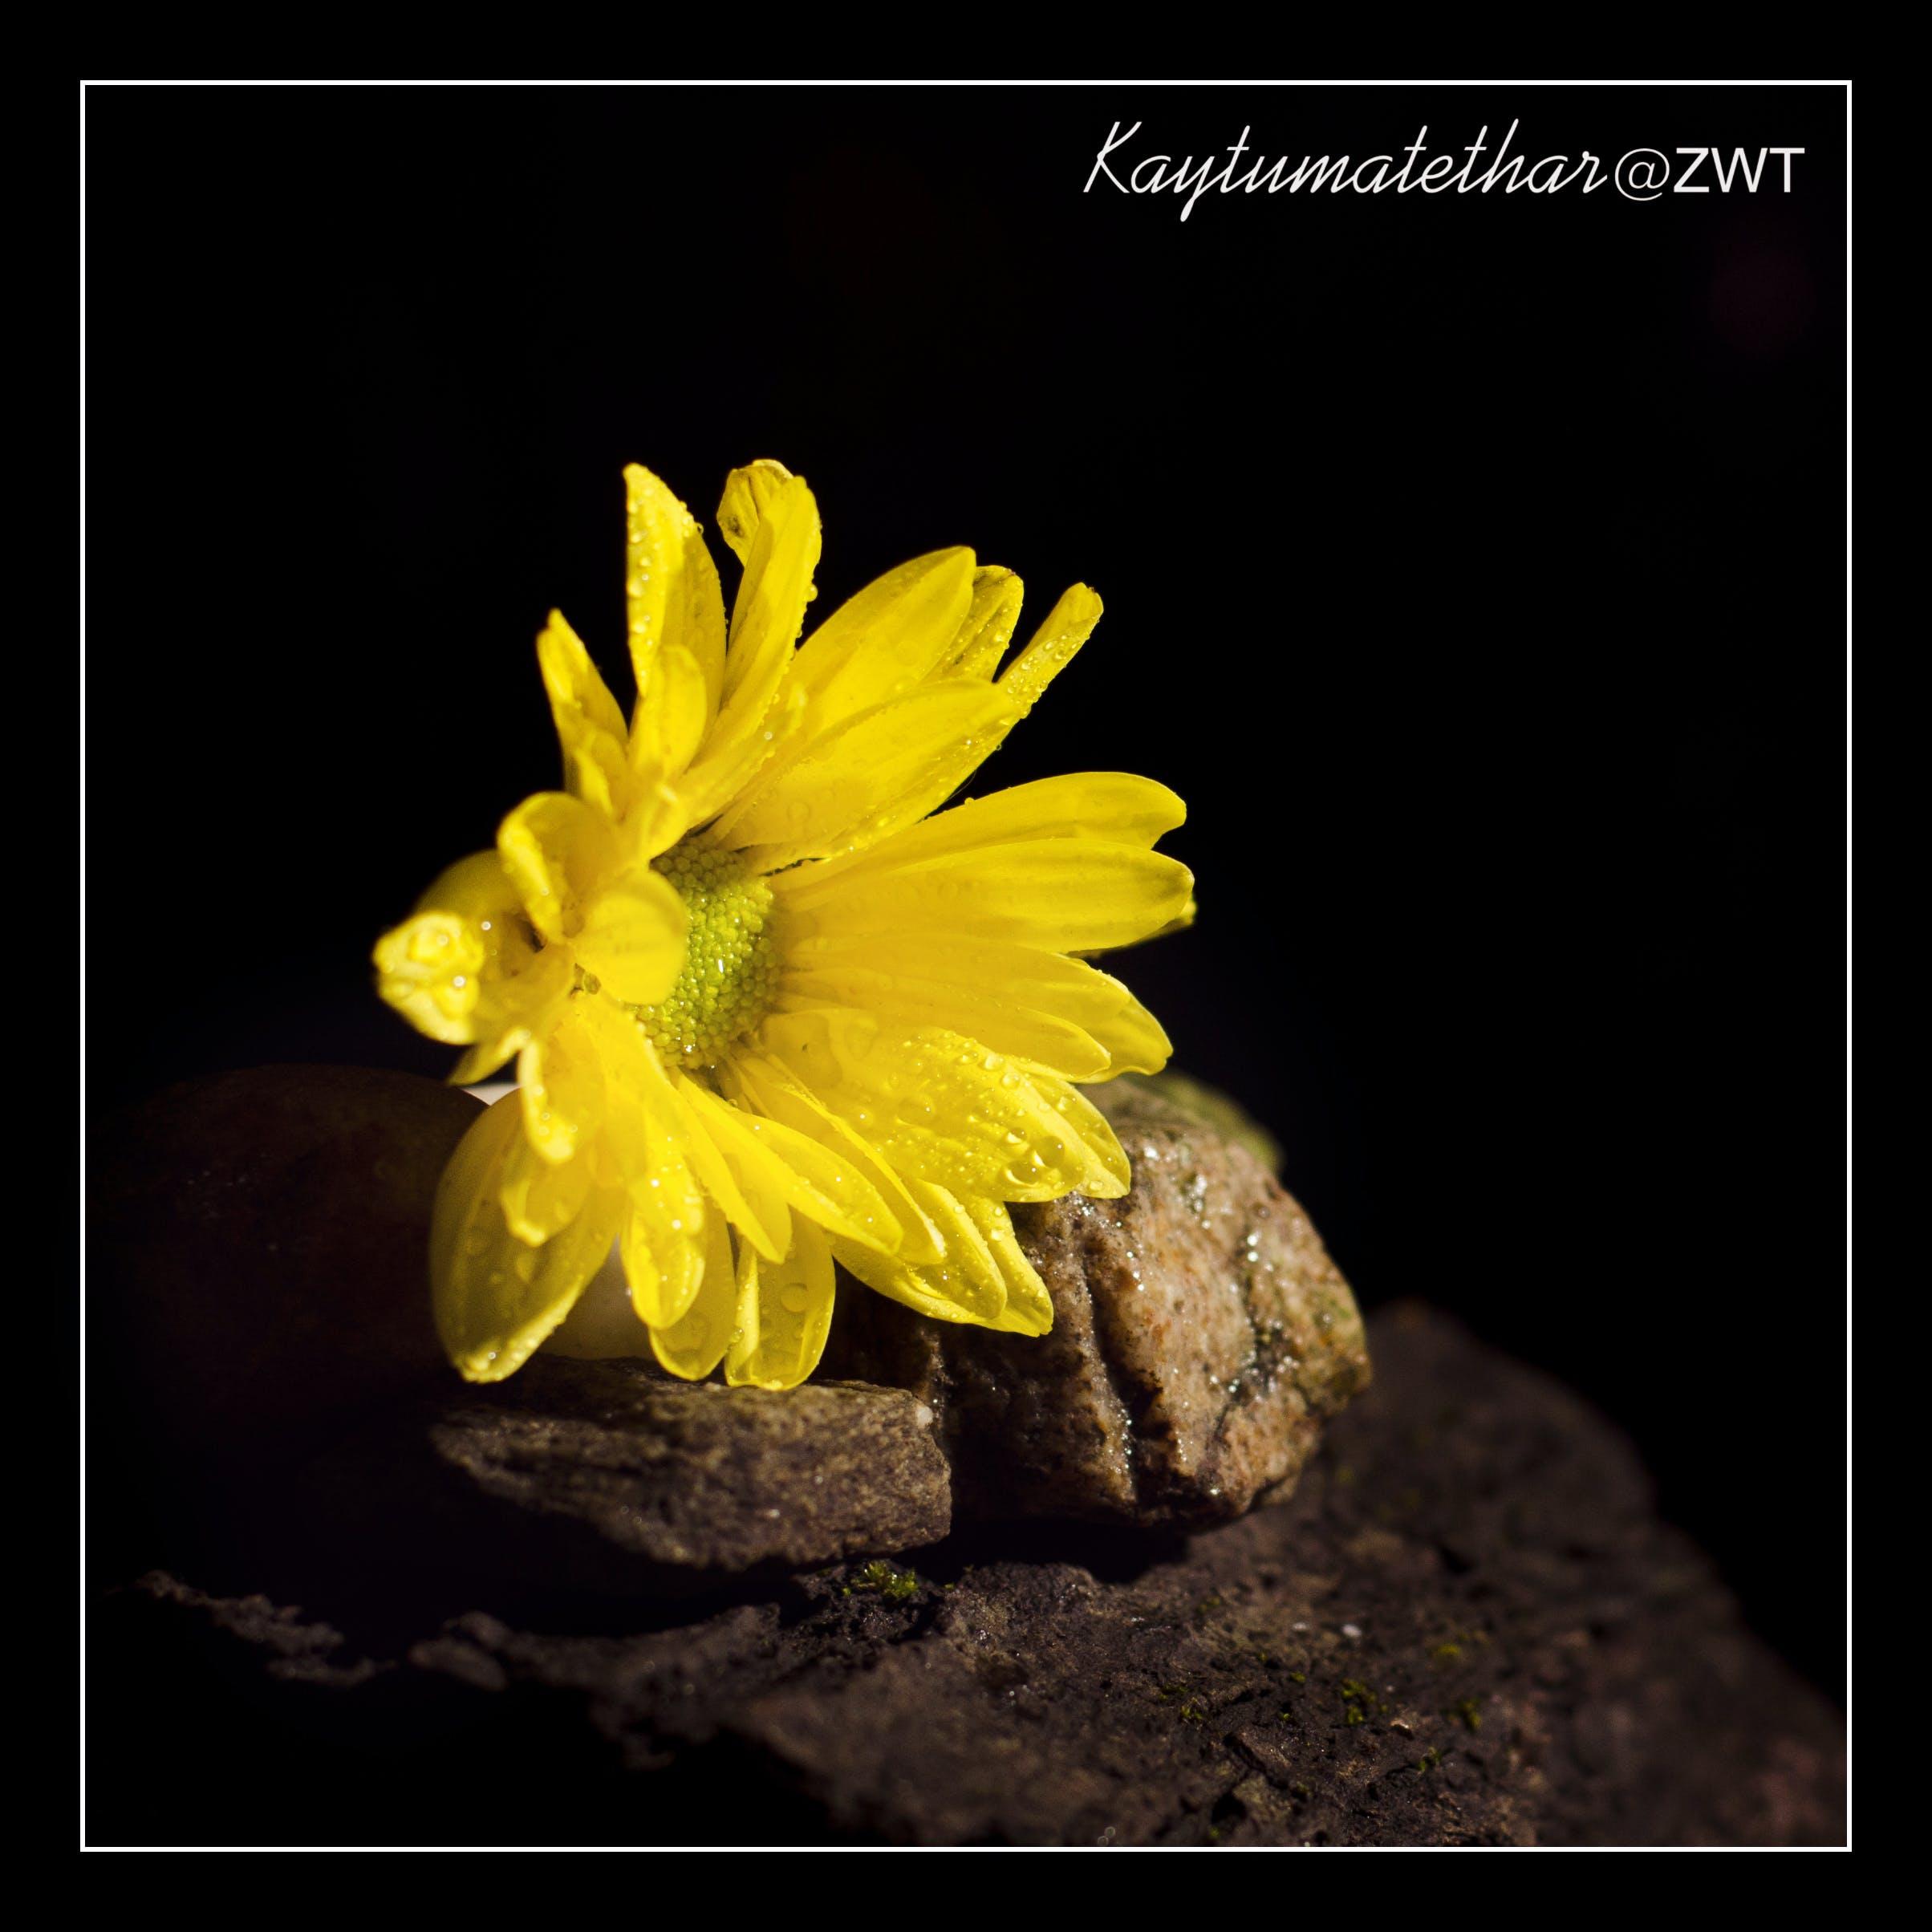 Free stock photo of Chrysanthemum yellow, dark, still life, yellow flower